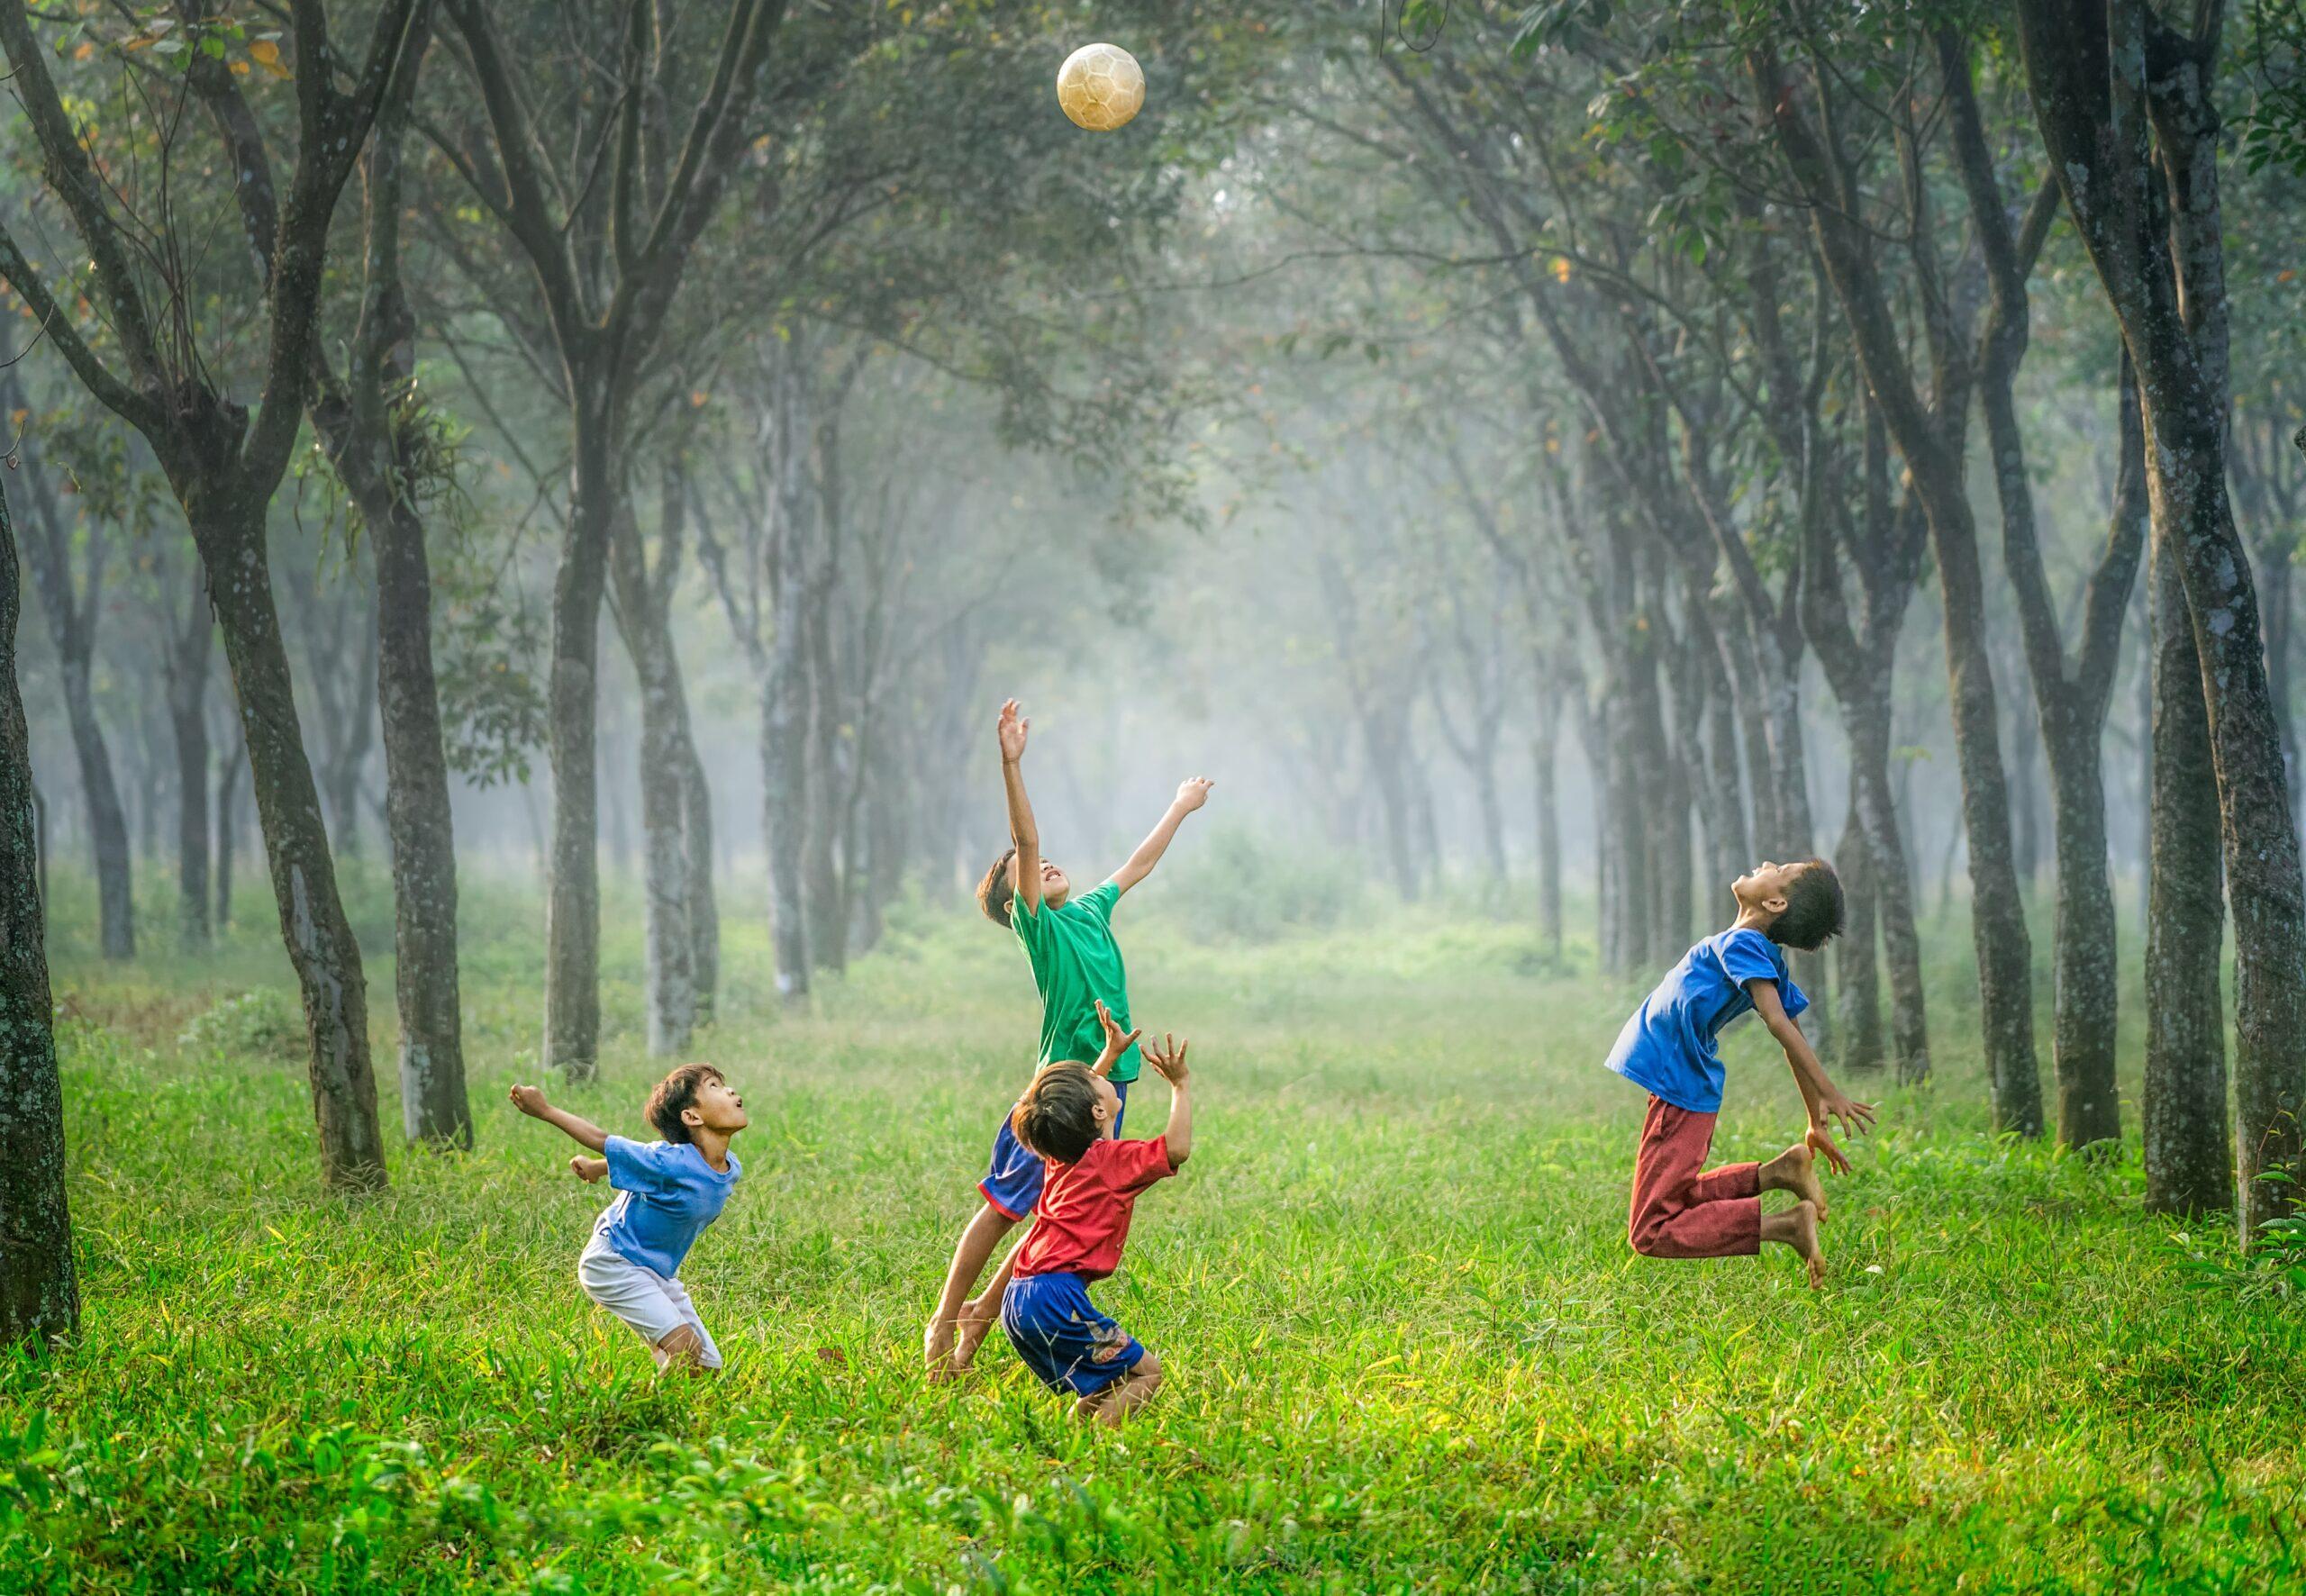 Spielende Kinder auf Wiese